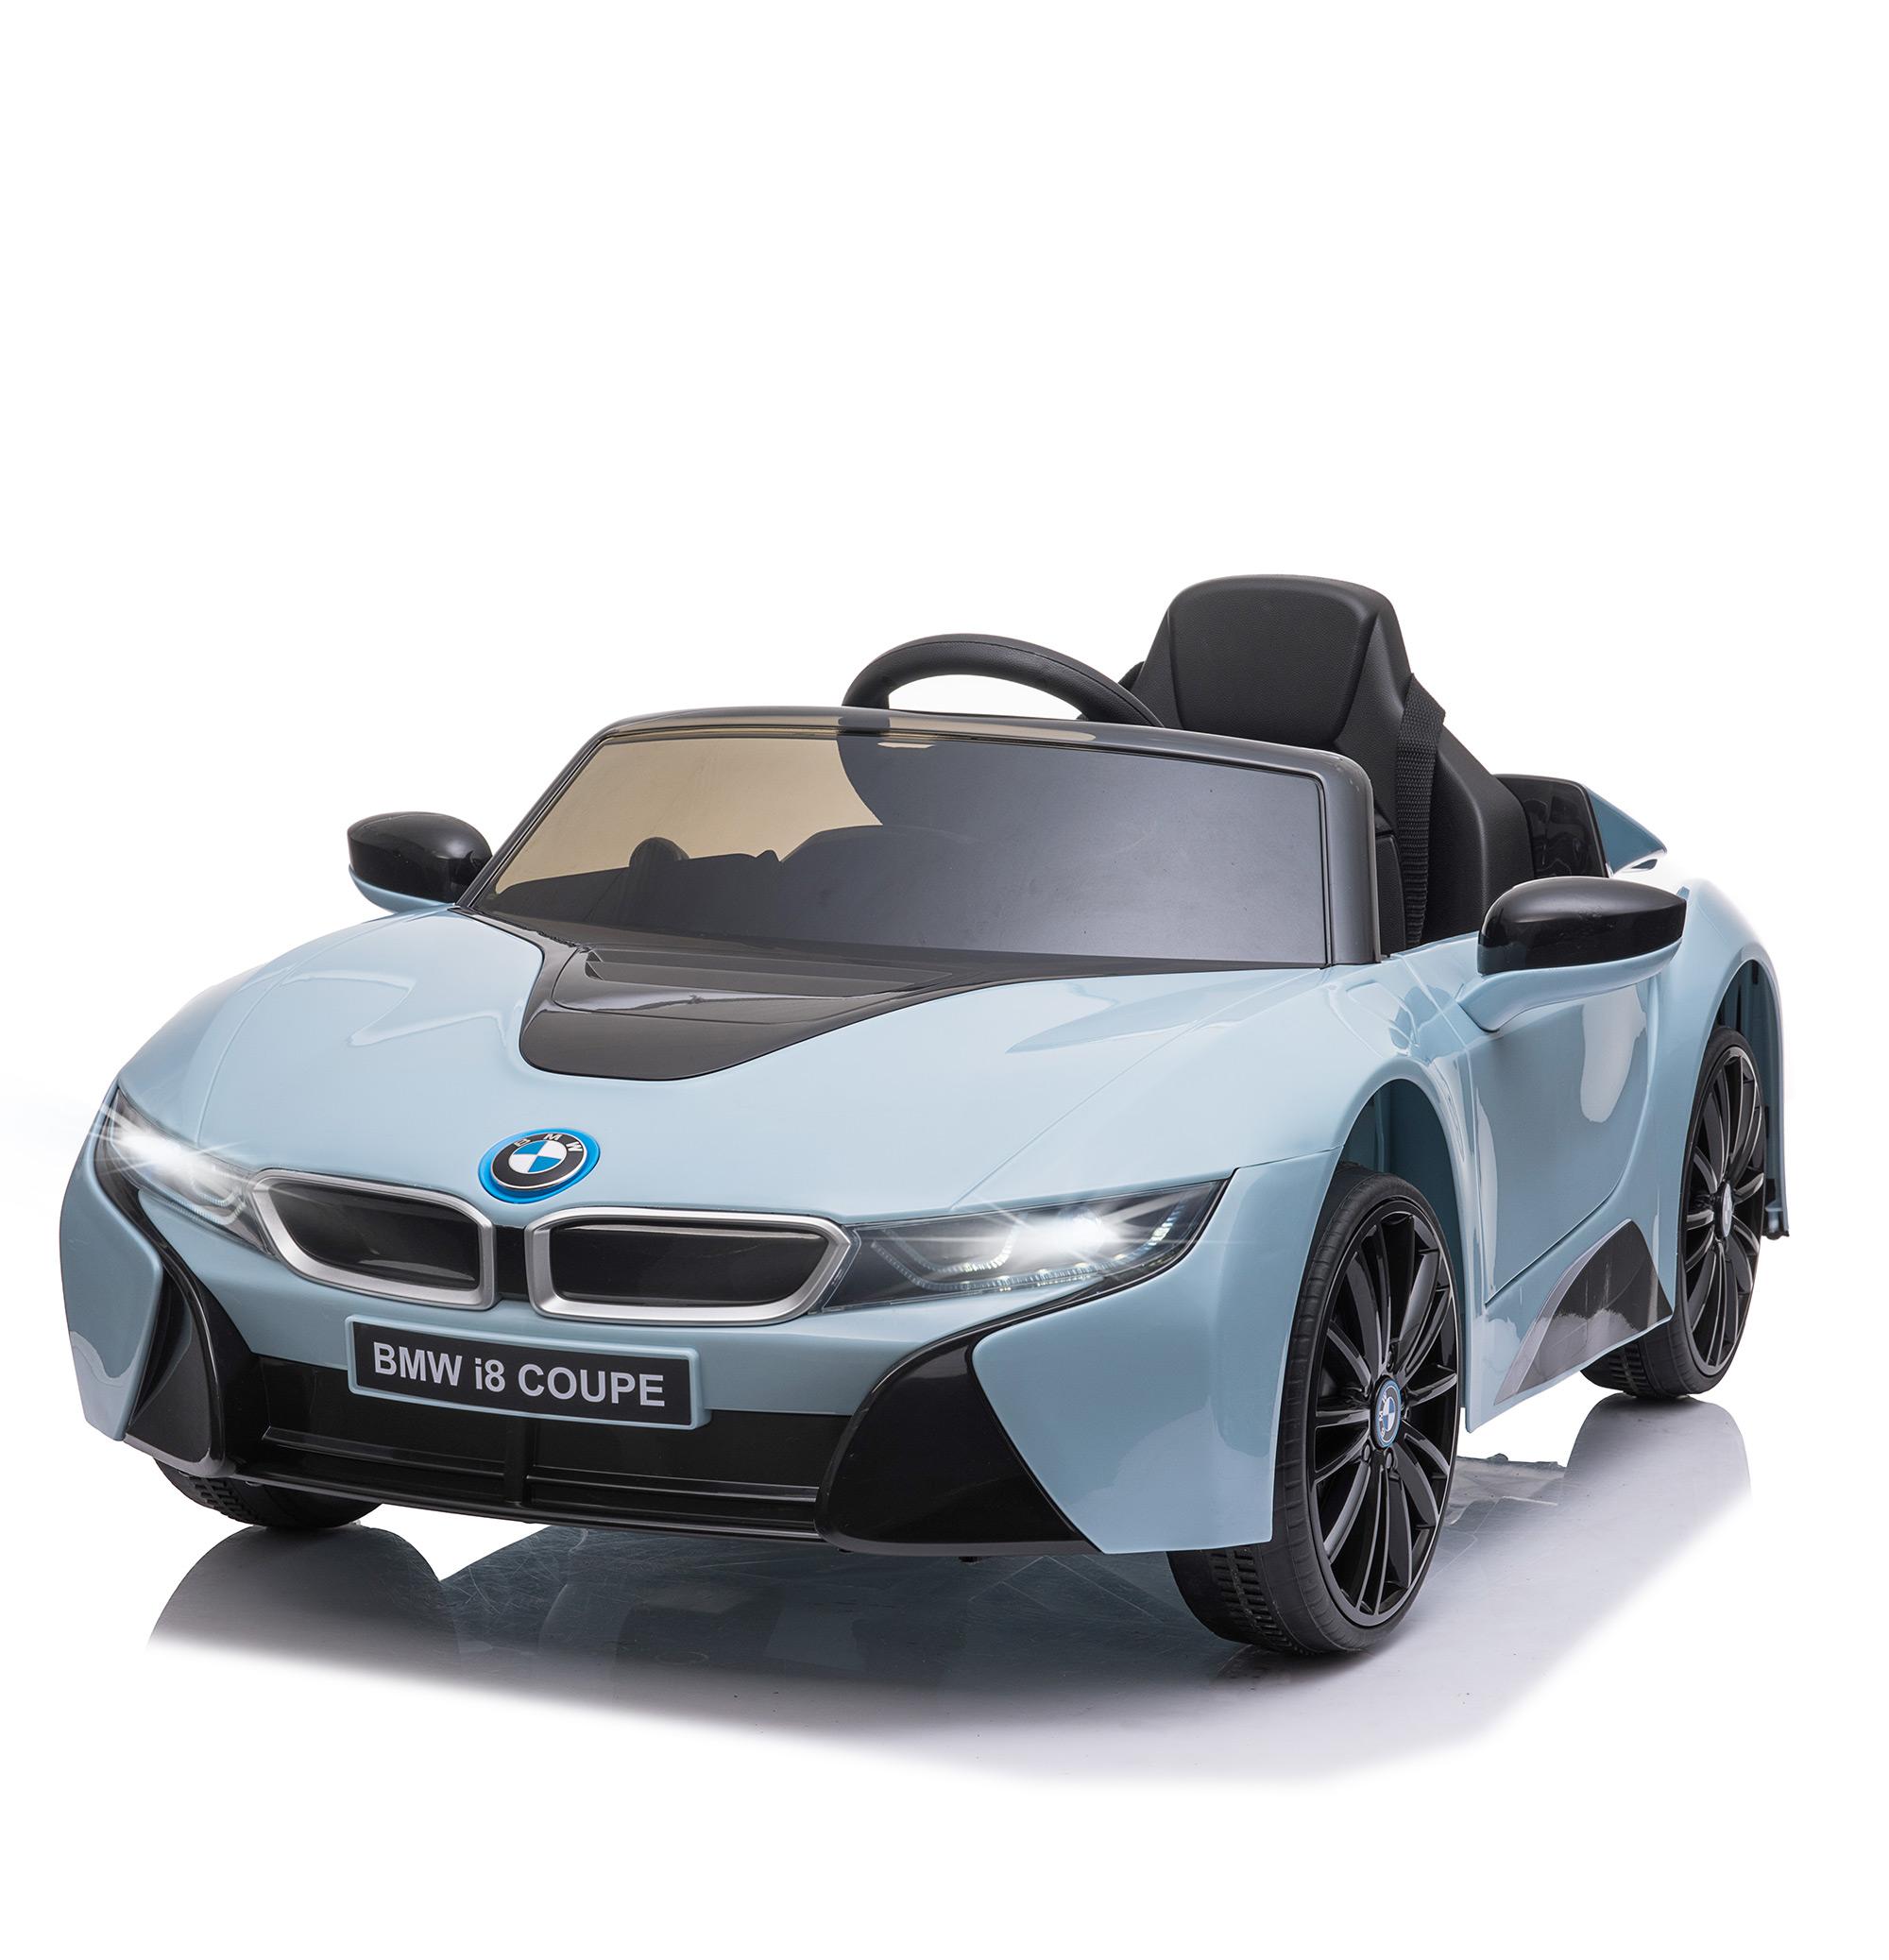 HOMCOM Coche Eléctrico BMW I8 COUPE con Licencia para Niños de +3 Años Batería 6V Control Remoto y Manual con Música Bocina y Faros 115x72,5x46cm Azul